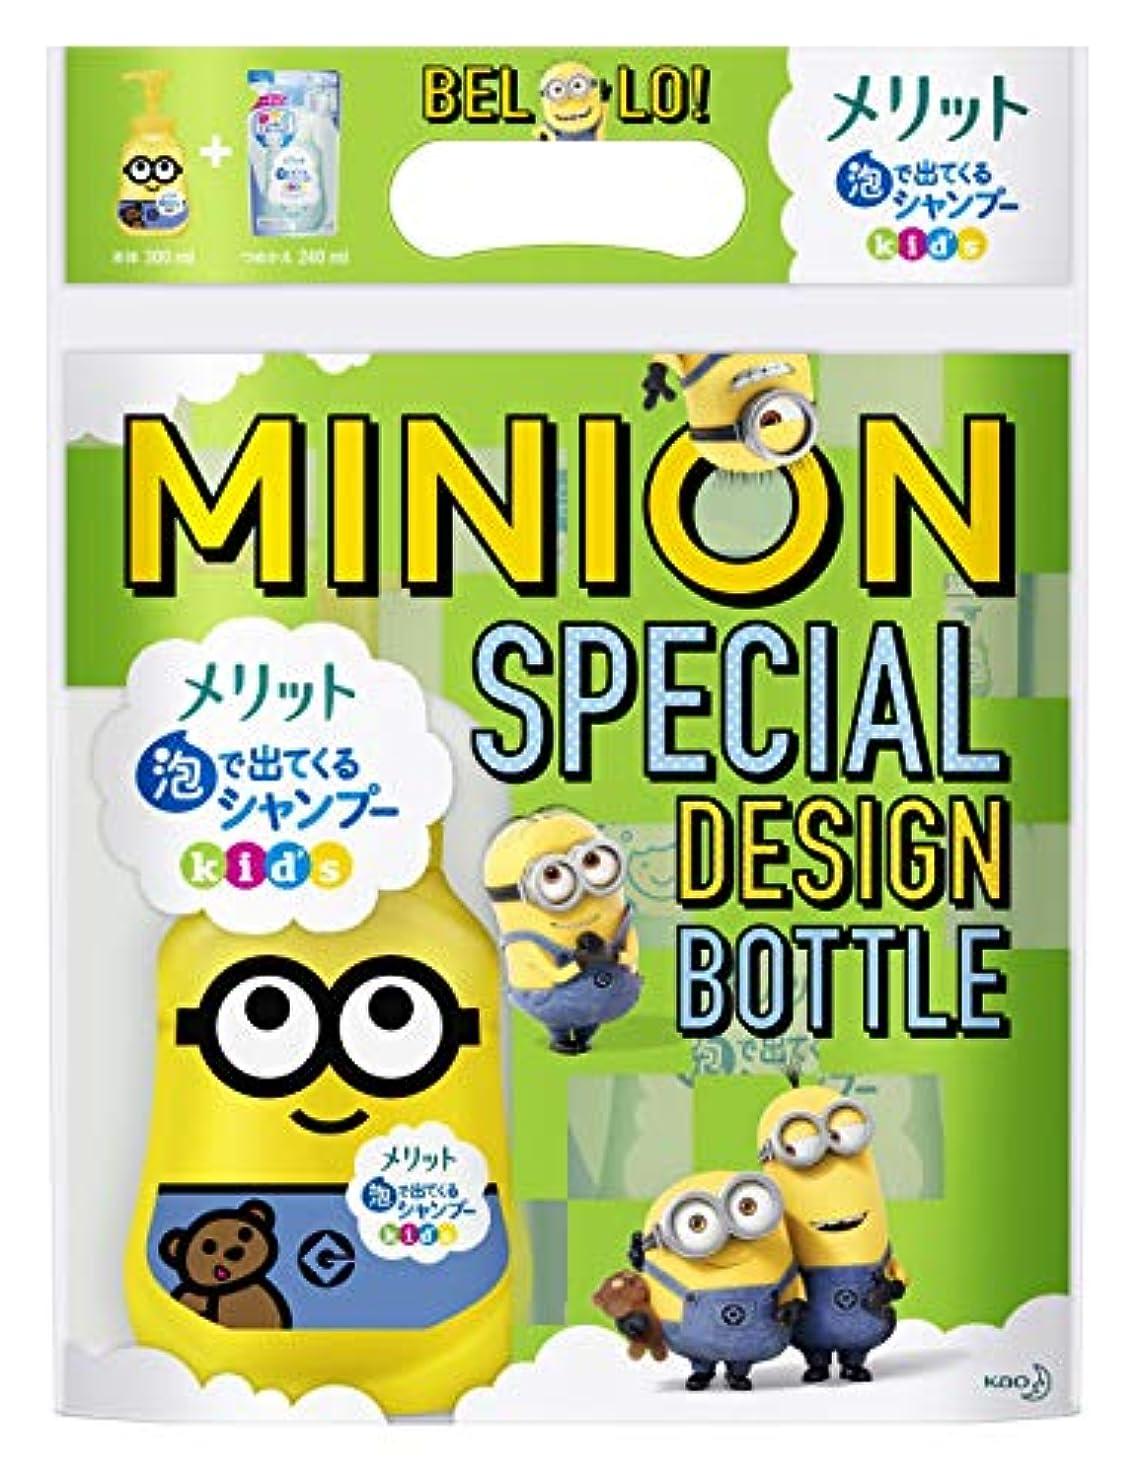 破壊乳紛争メリット 泡で出てくるシャンプー キッズ ミニオン スペシャルデザインボトル [ Minion Special Design Bottle ] + つめかえ用セット (デザインボトル300ml+つめかえ用240ml)